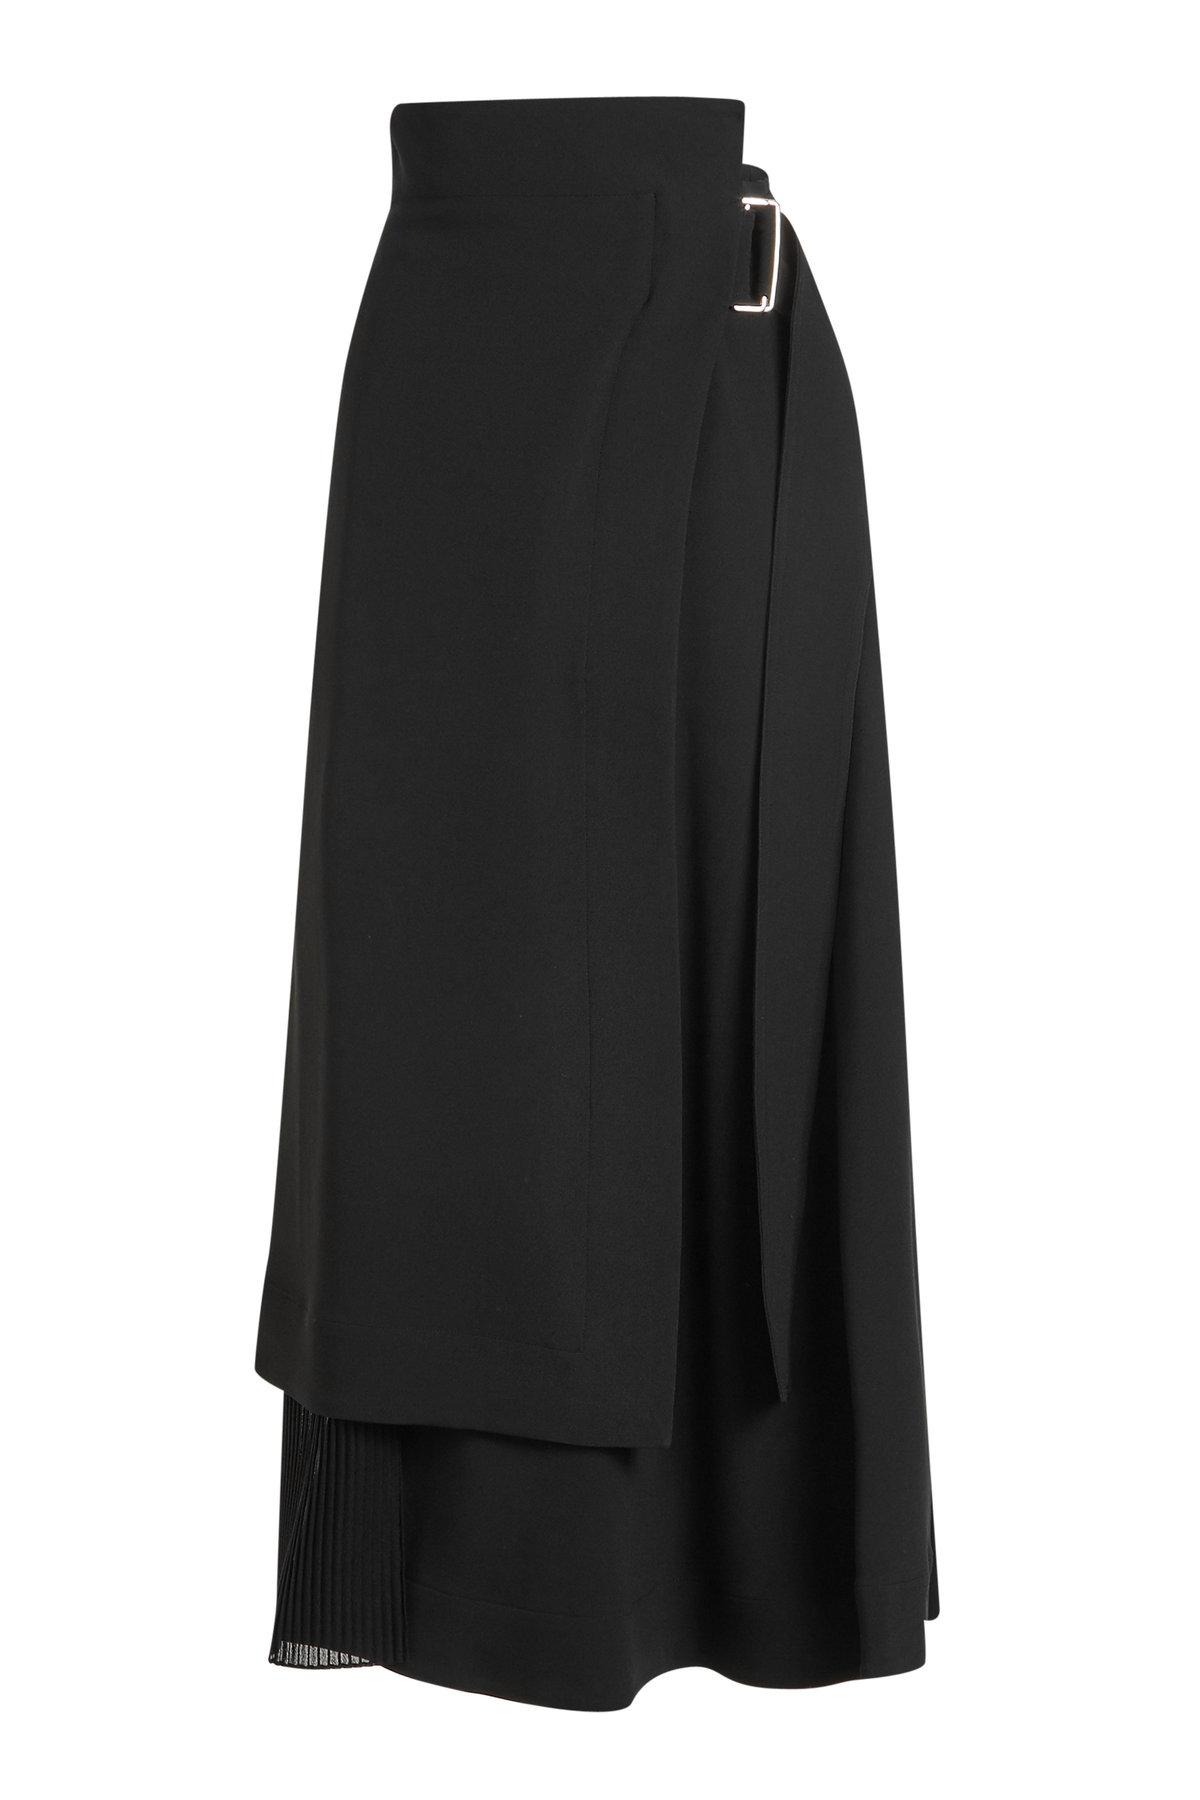 Wrap Midi Skirt | VICTORIA BECKHAM